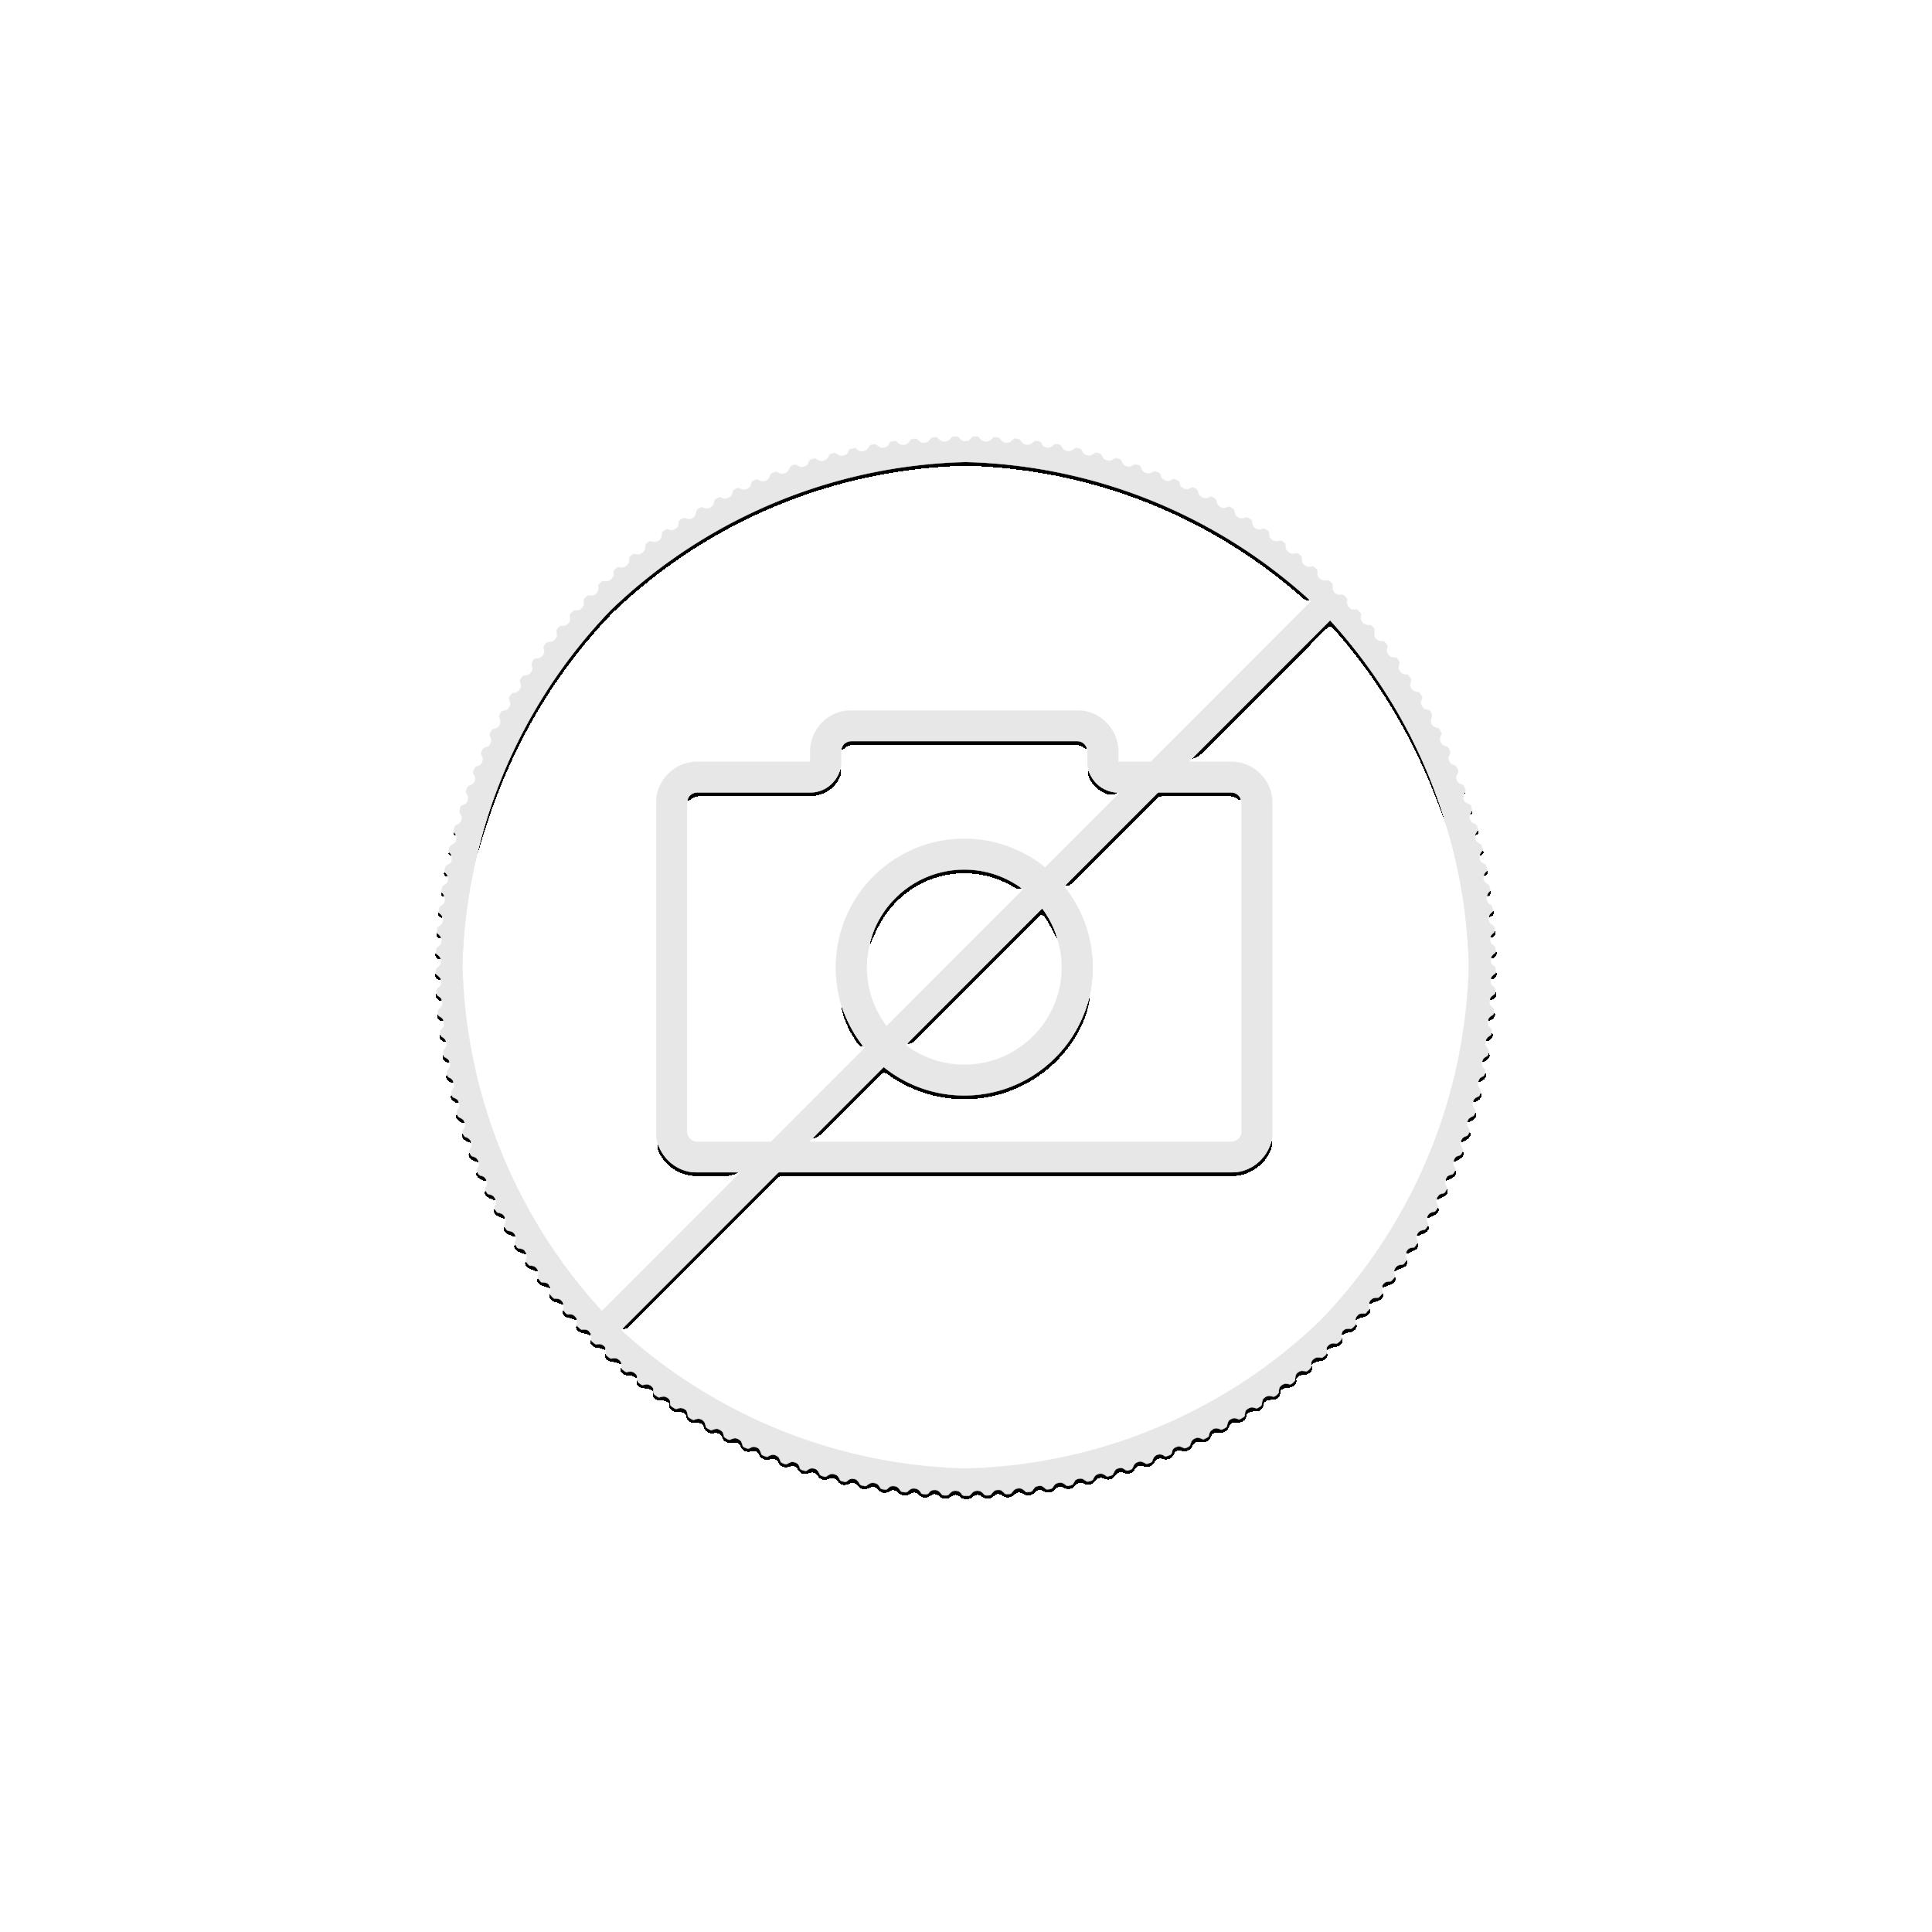 10 troy ounce gold coin Lunar 2021